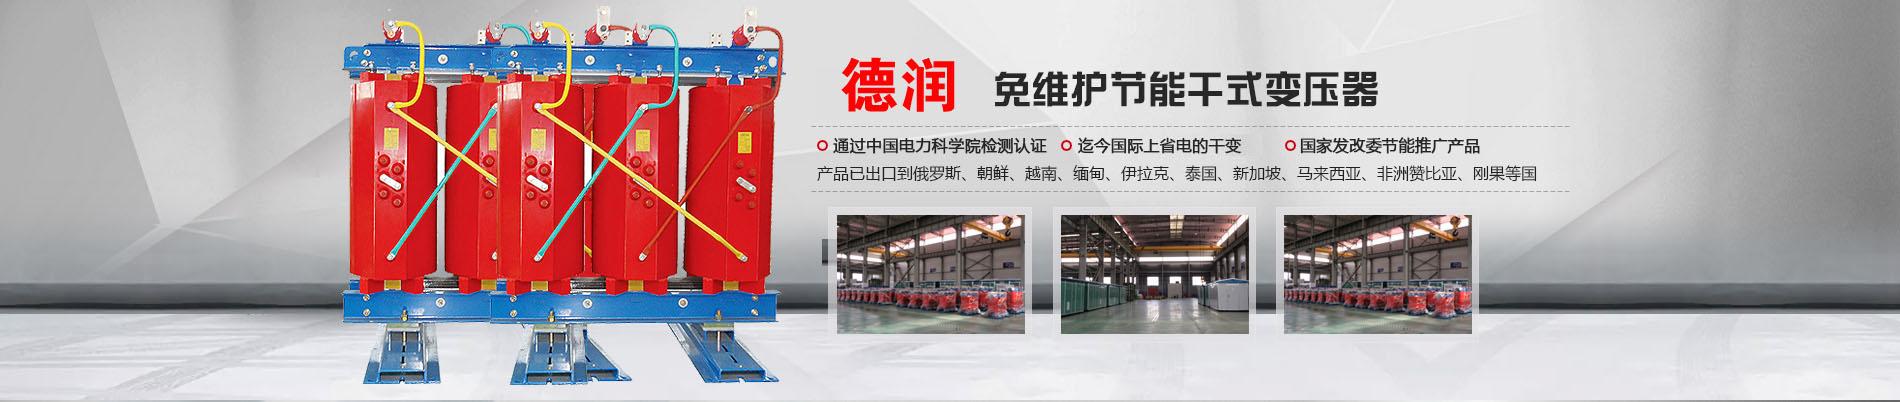 岳阳干式变压器厂家